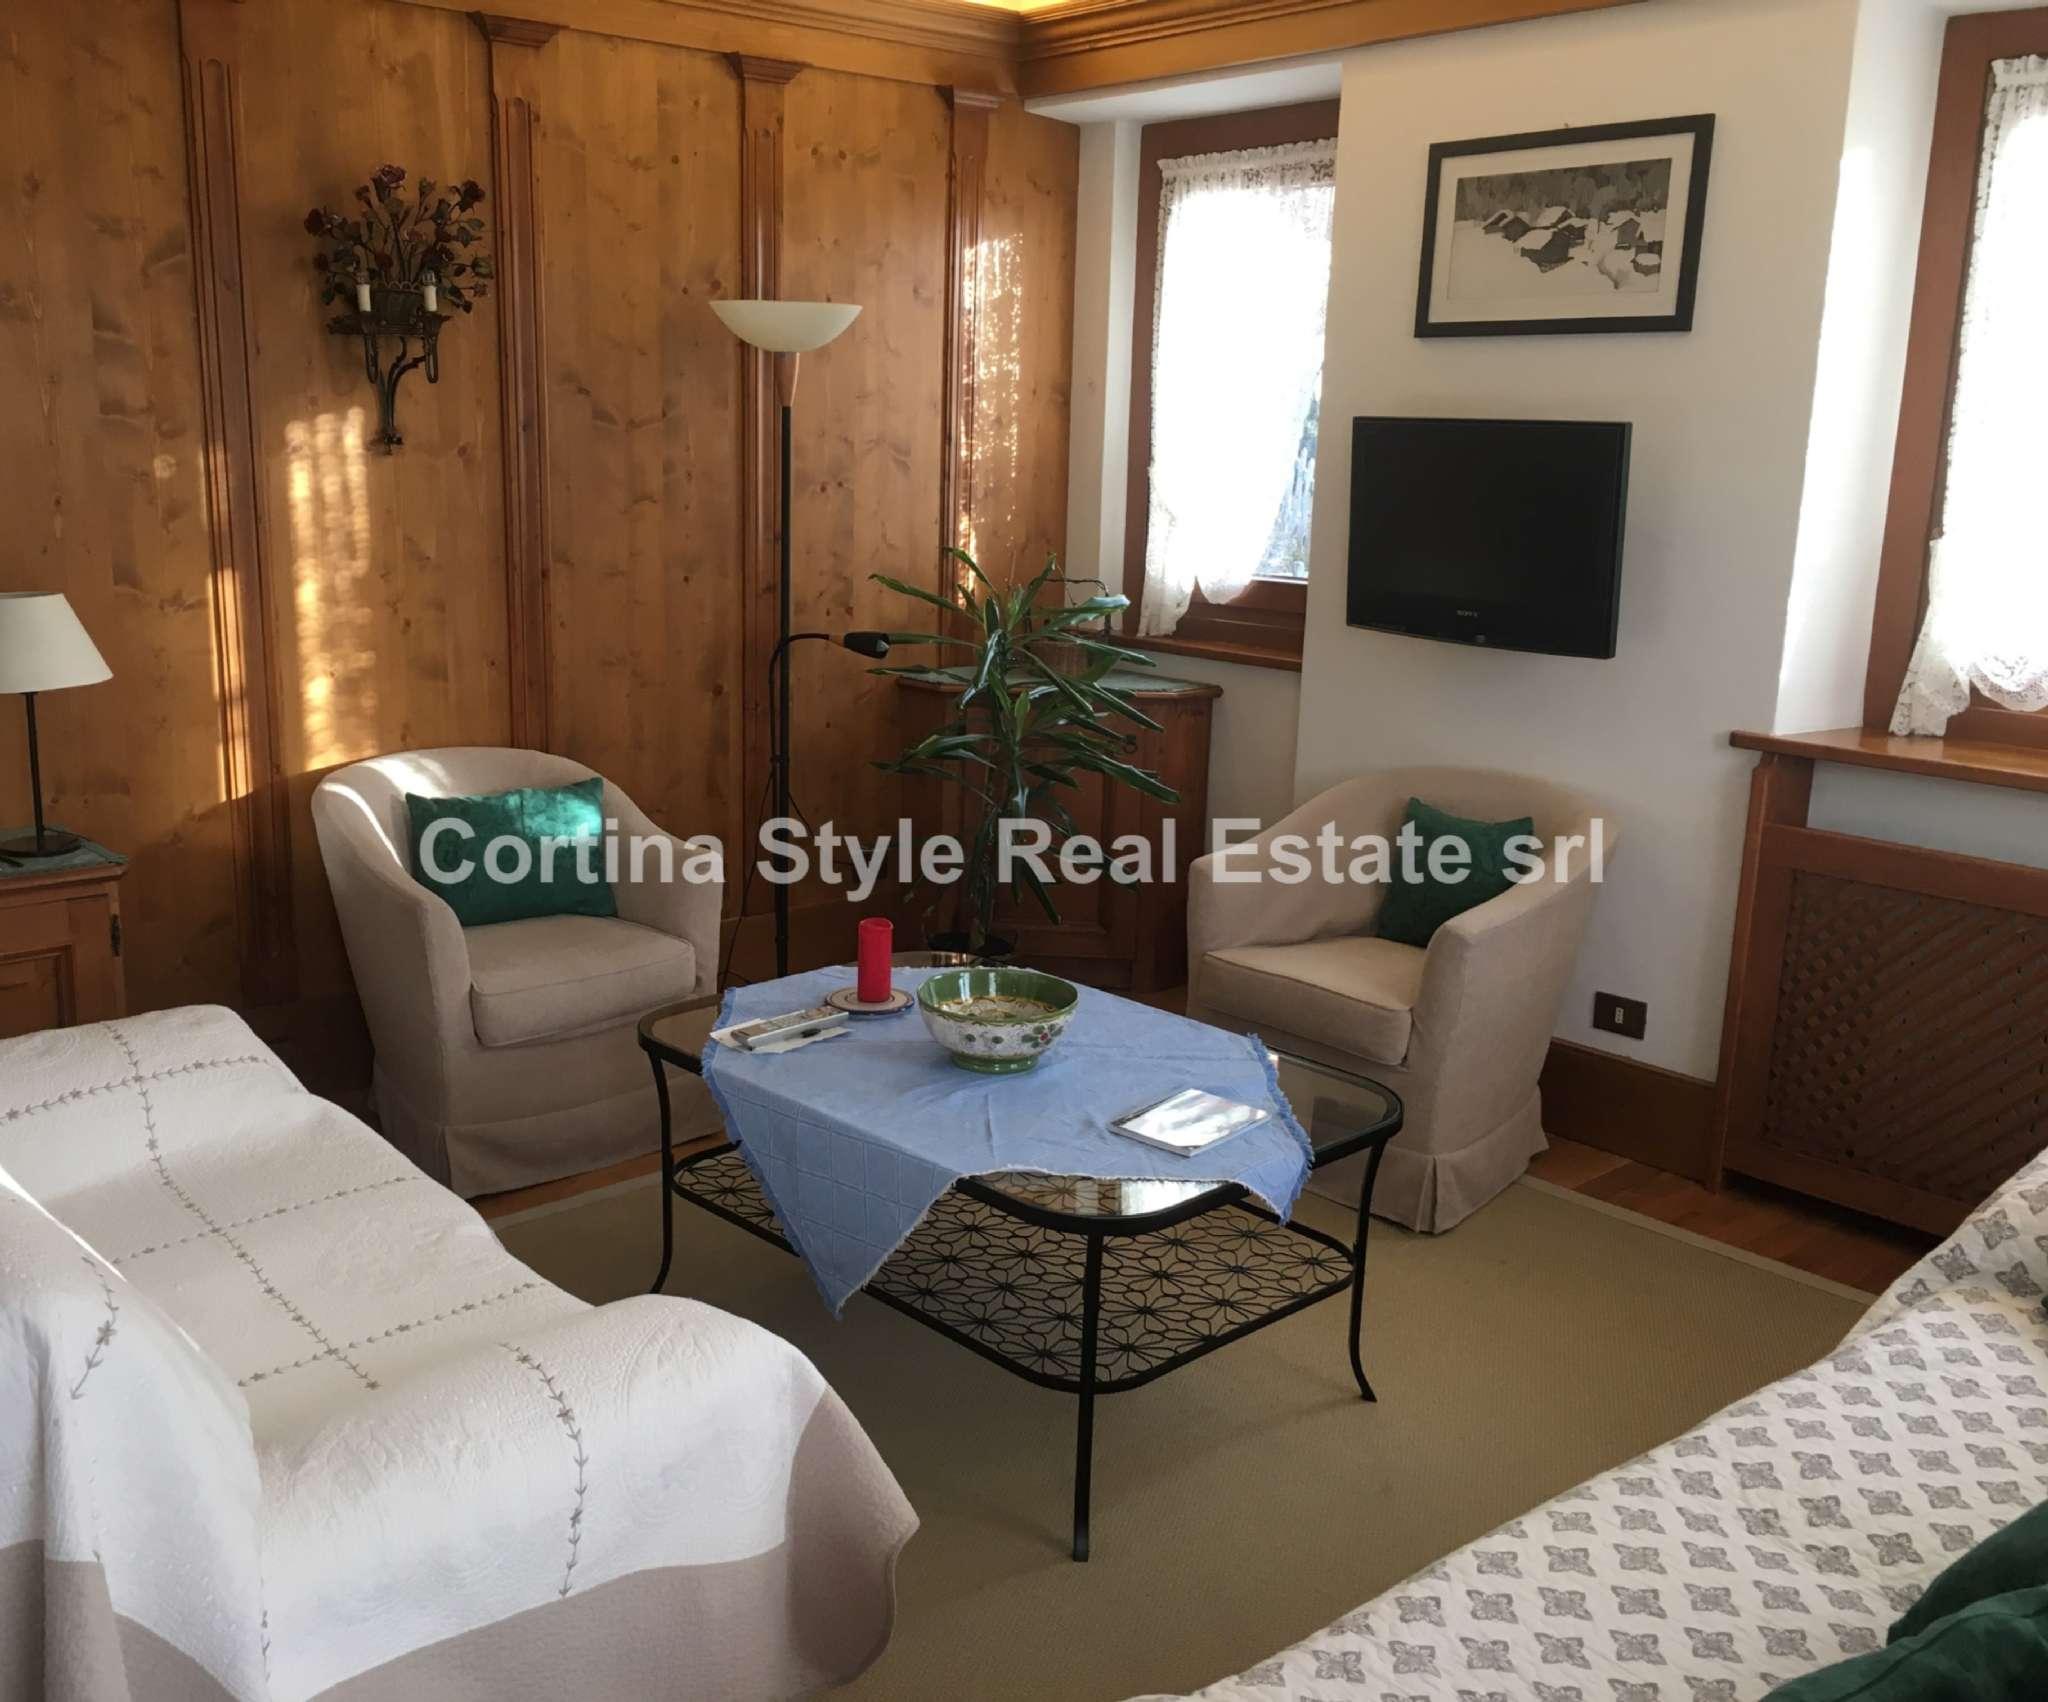 Appartamento in Affitto a Cortina d'Ampezzo